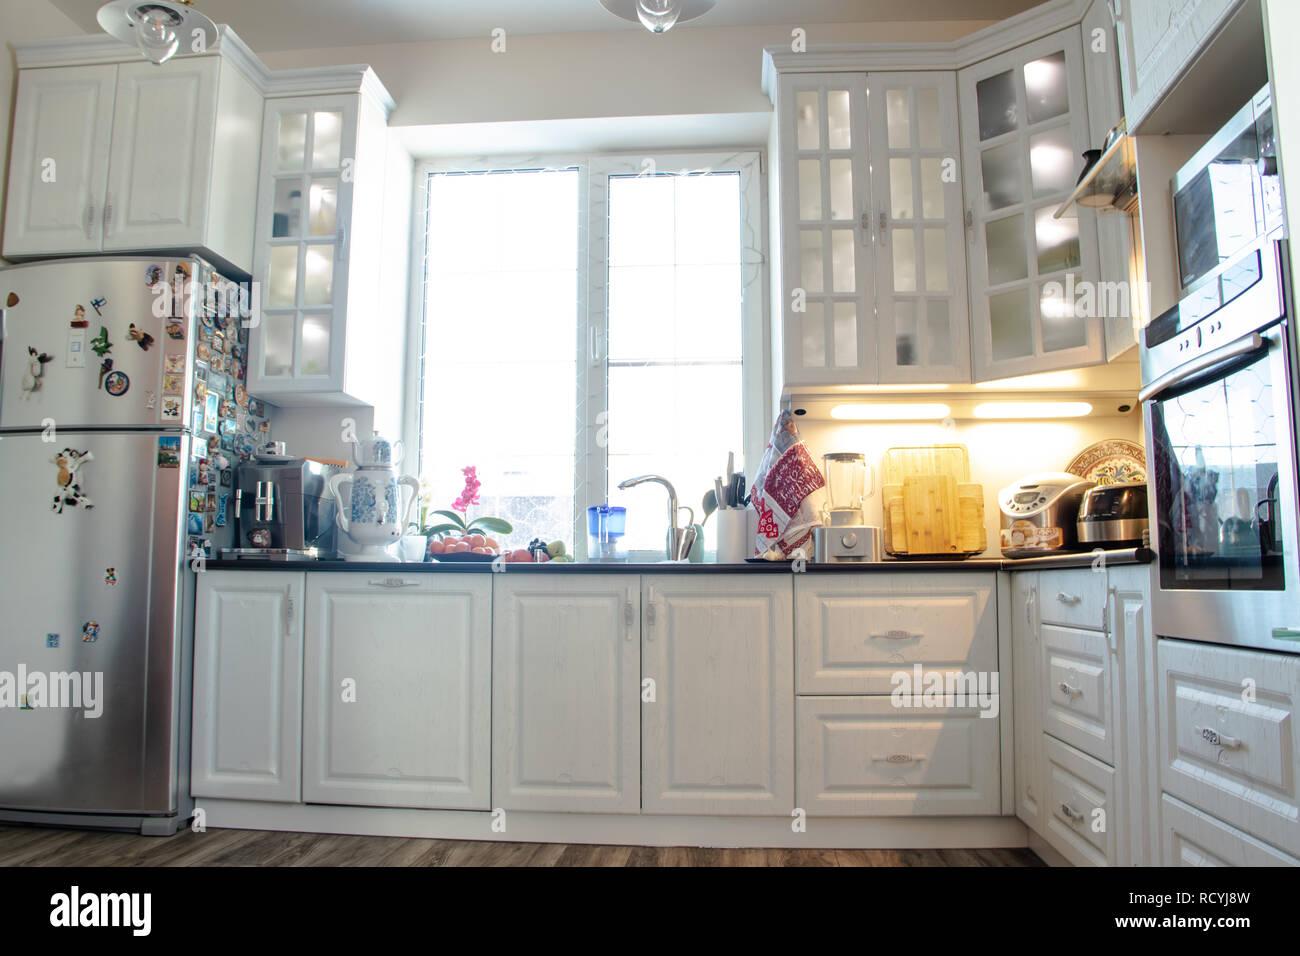 Cocina blanca cocina de madera muebles modernos y cocina for Color credence cocina blanca